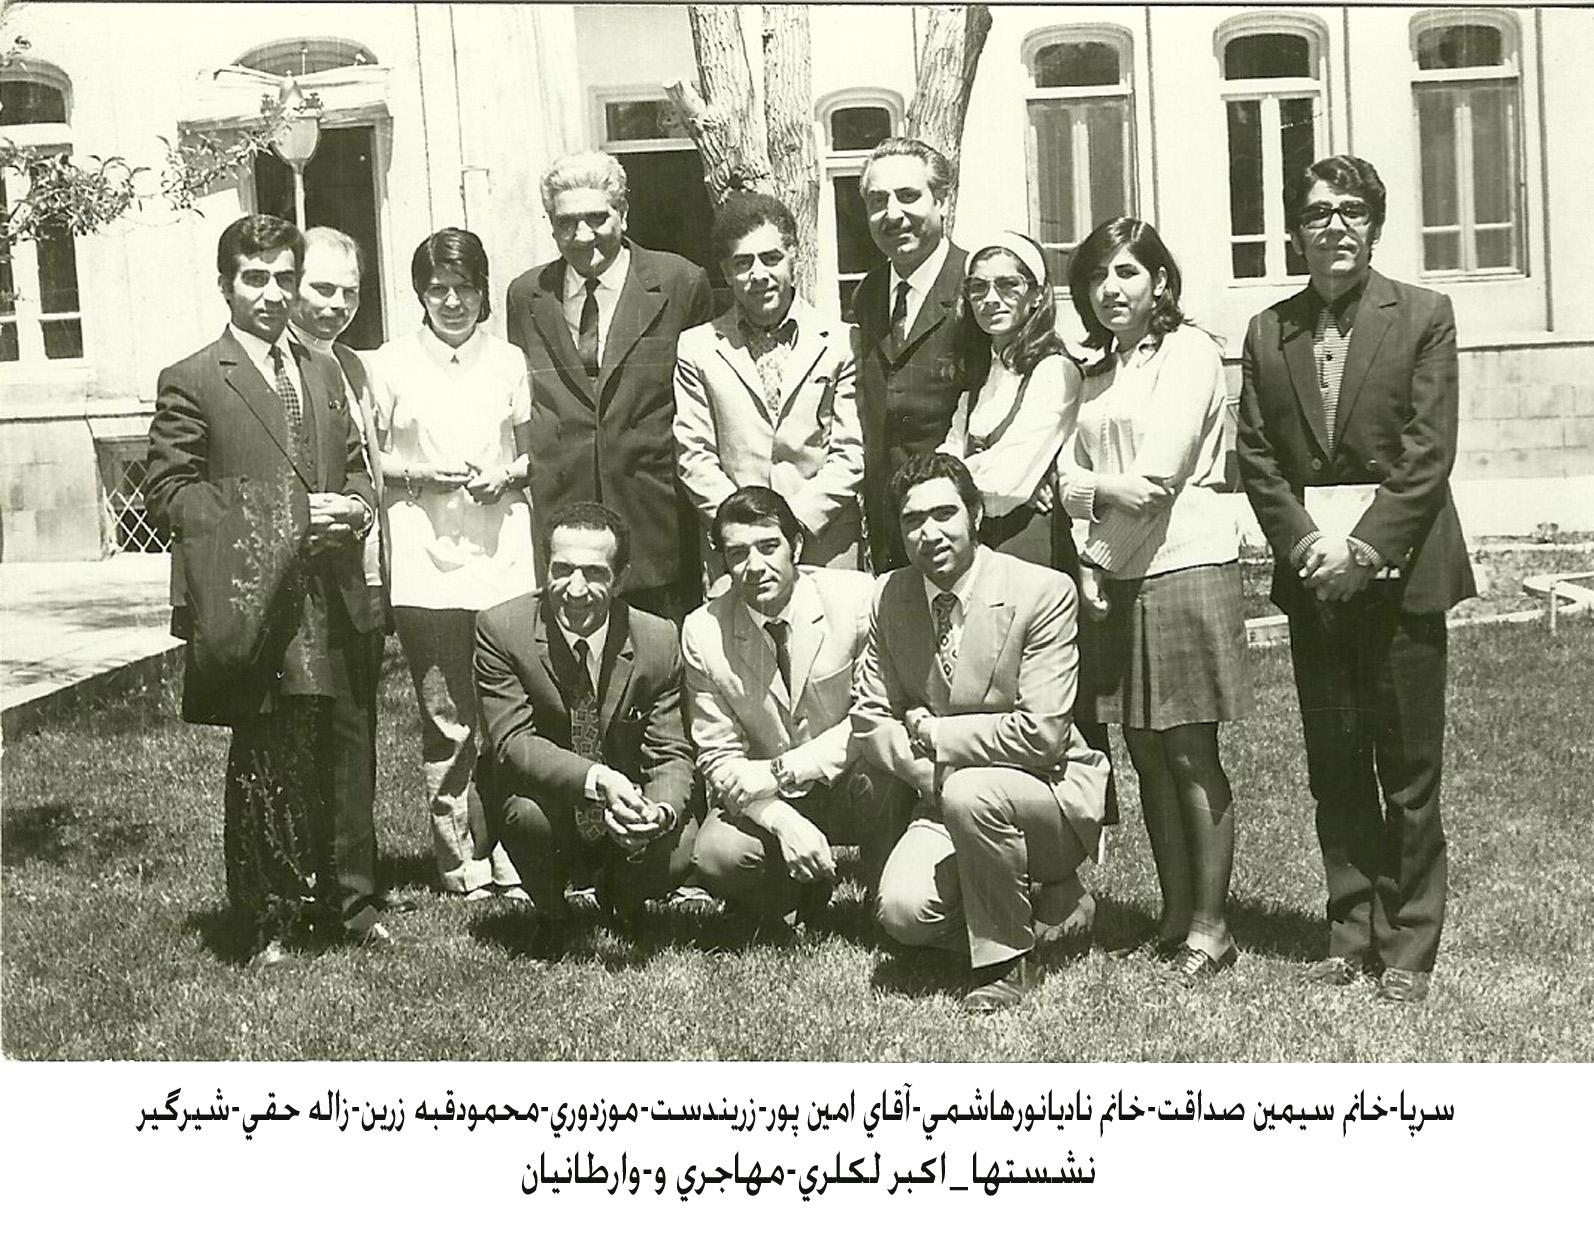 محمود قبه زرین. آقای صفریان و دوستان